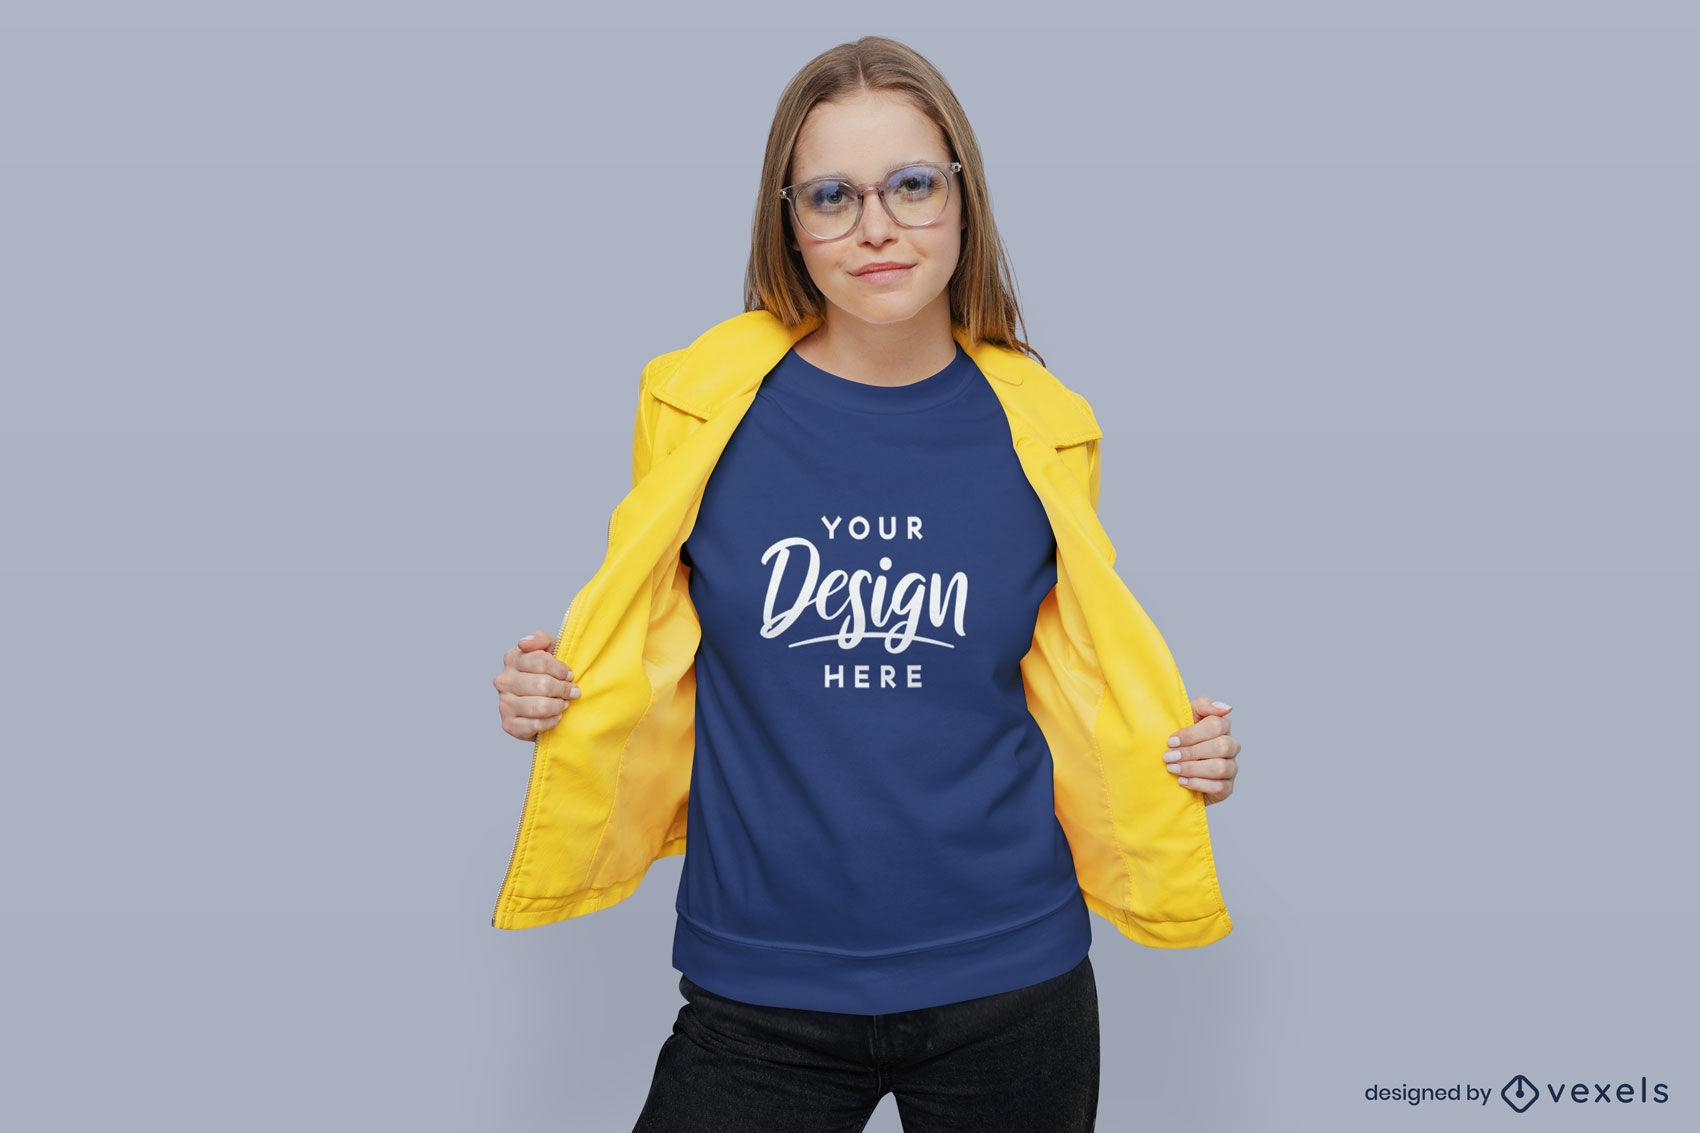 Chica en sudadera azul con maqueta de chaqueta amarilla